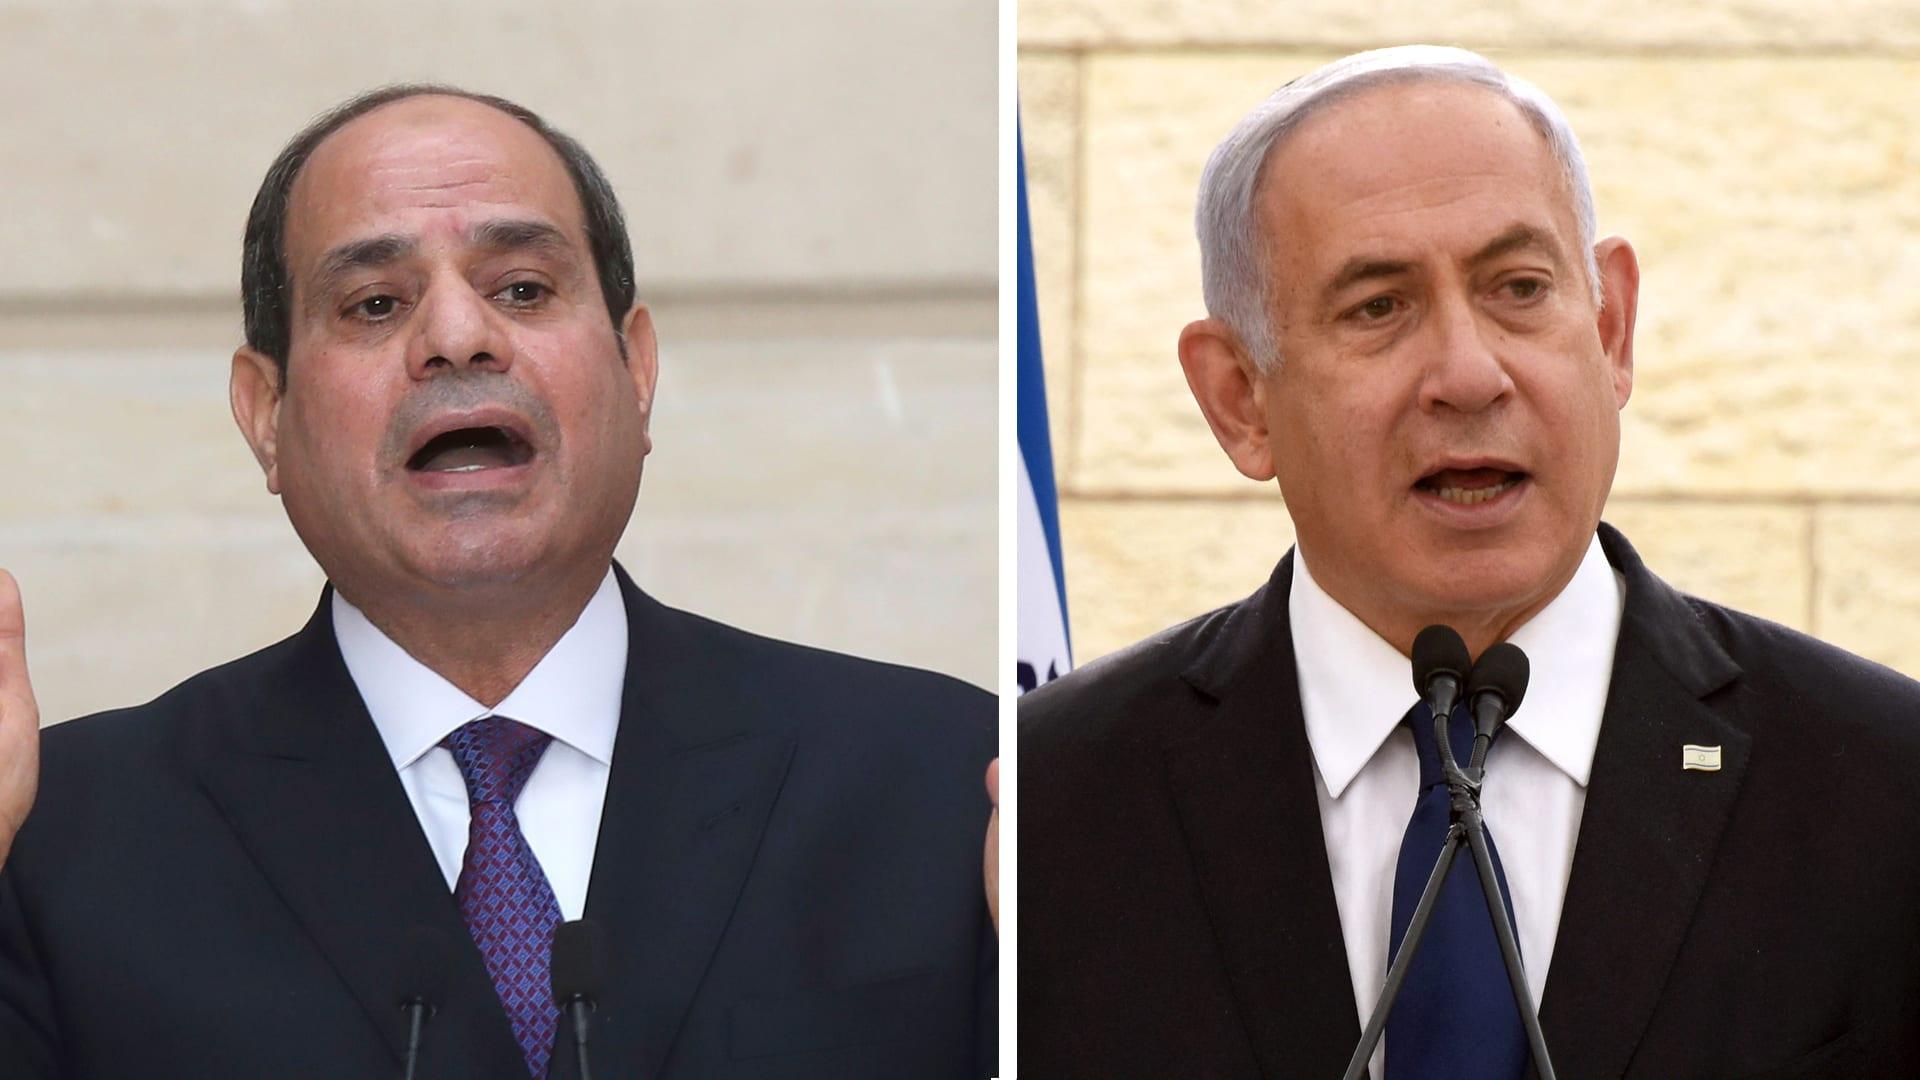 رئيس الوزراء الإسرائيلي بنيامين نتنياهو والرئيس المصري عبدالفتاح السيسي